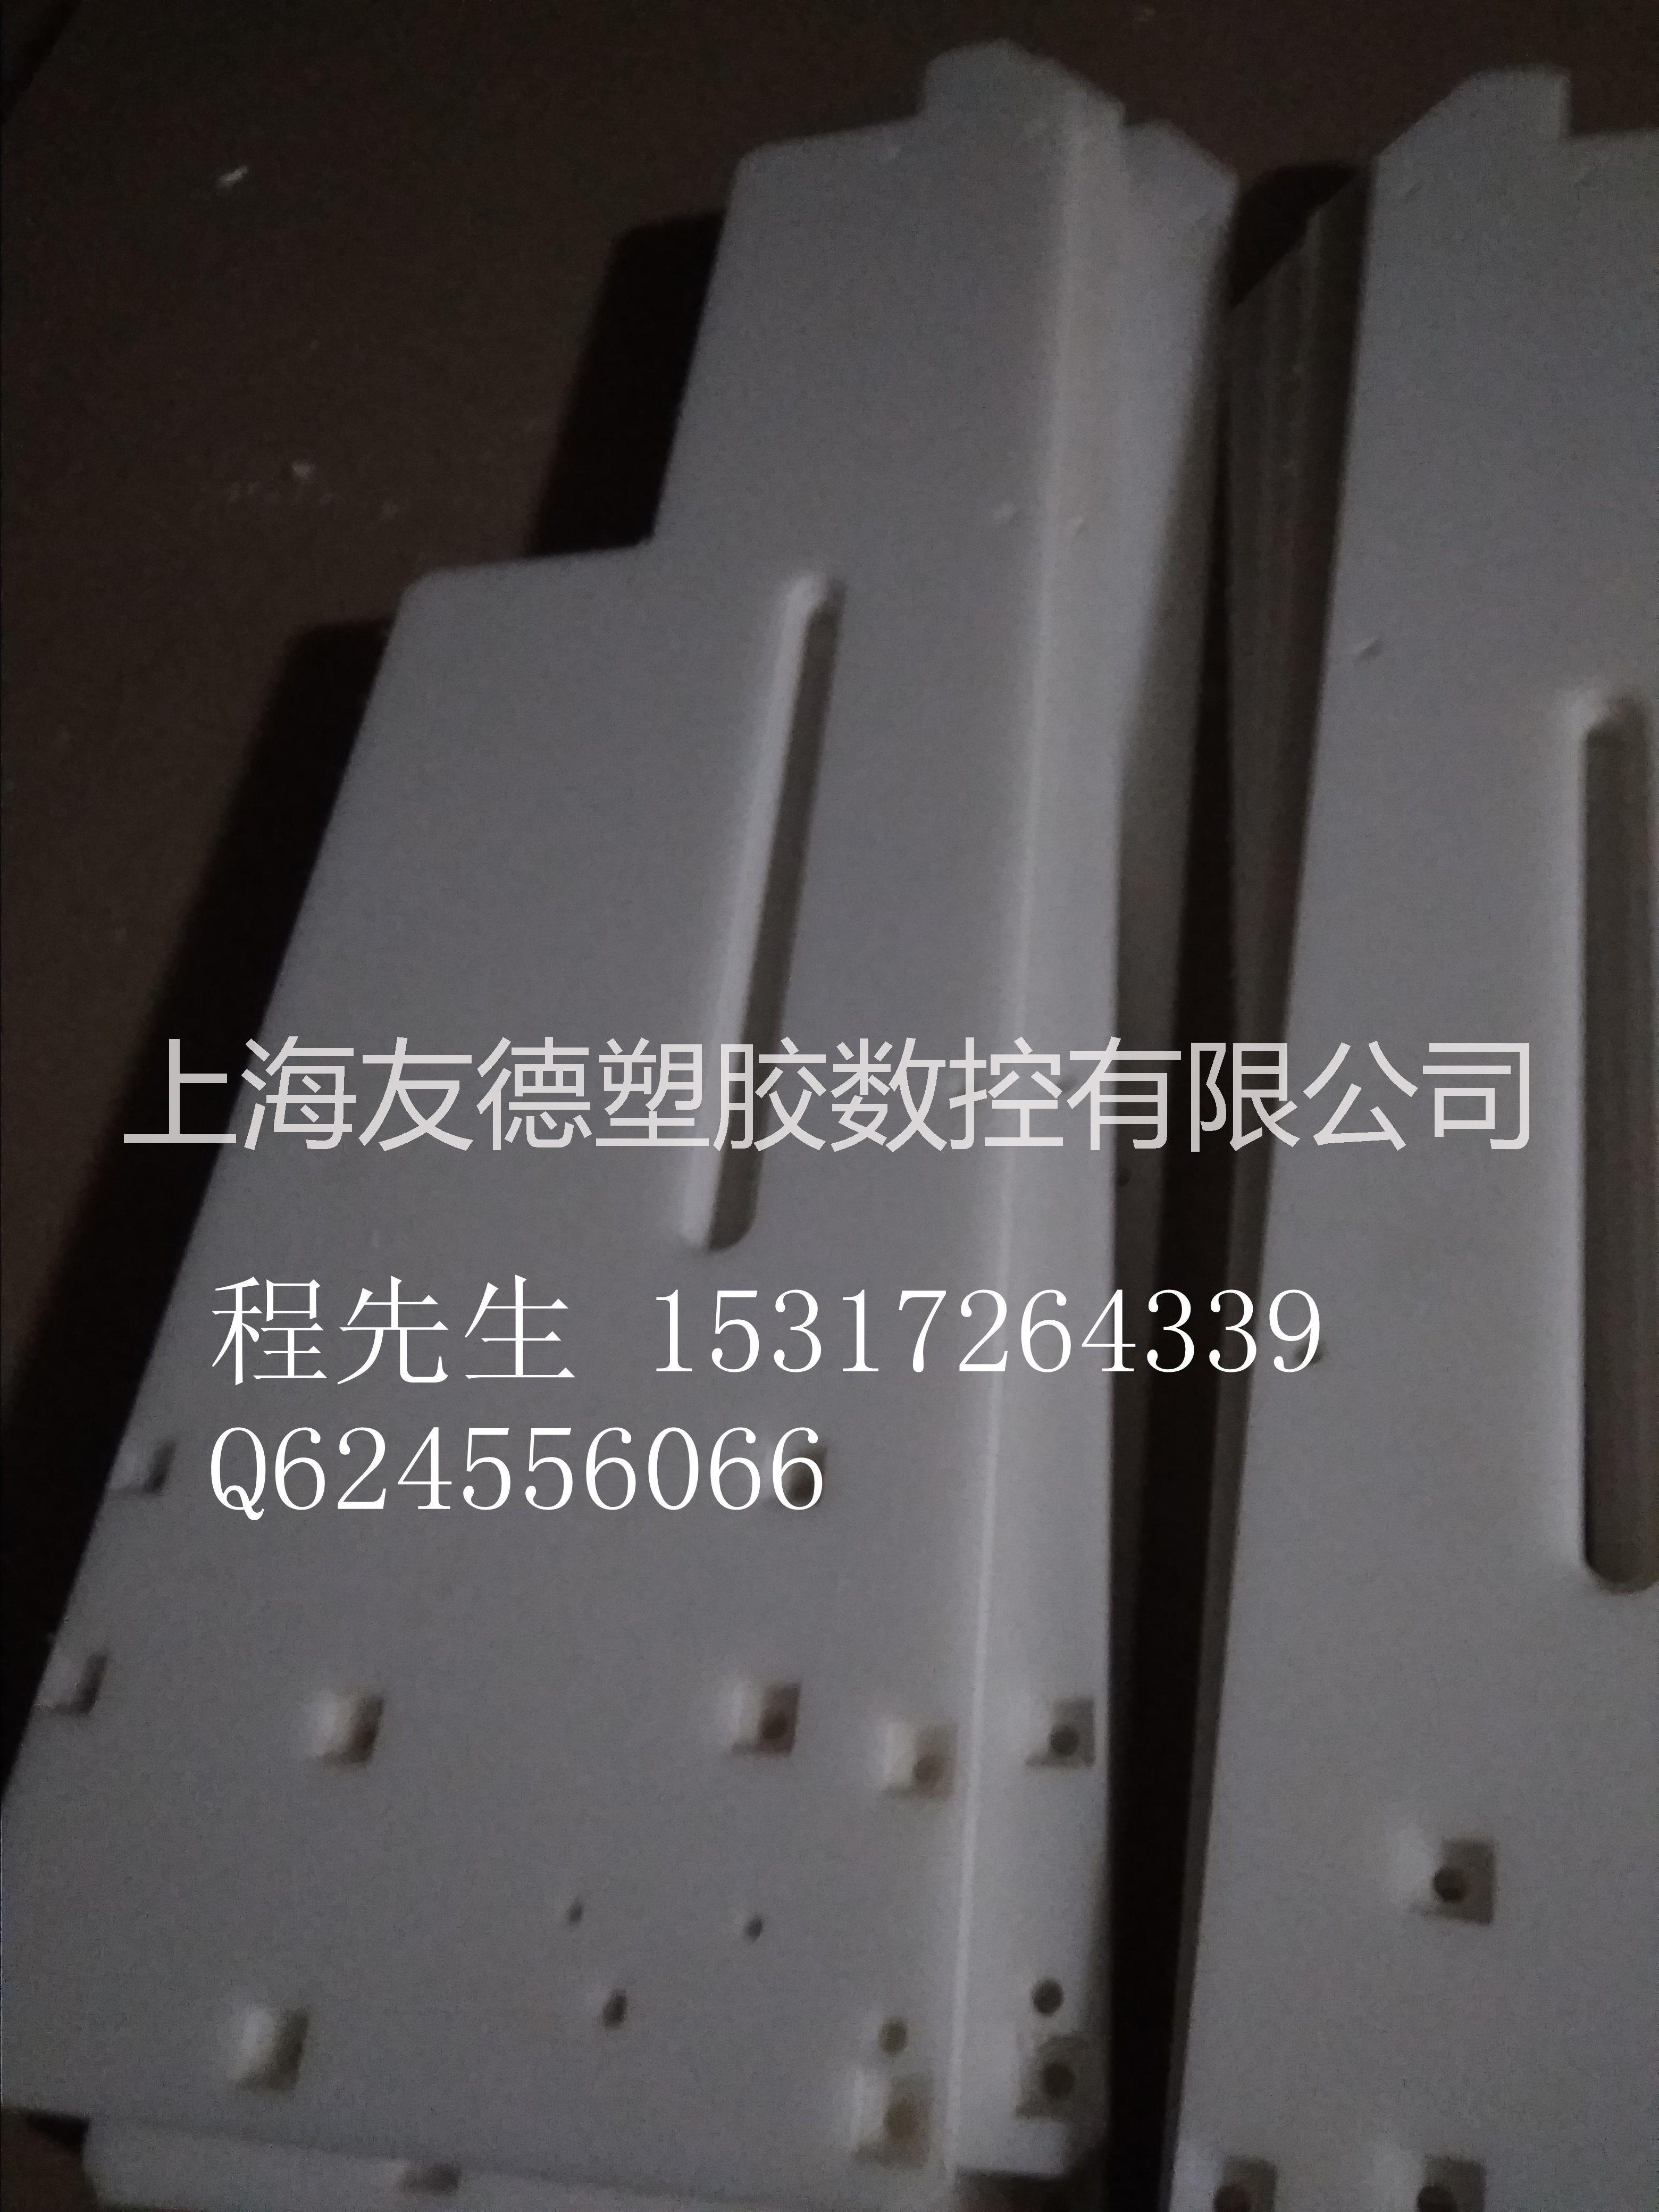 上海PP板雕刻加工@上海PE板定制加工@上海PE板厂家